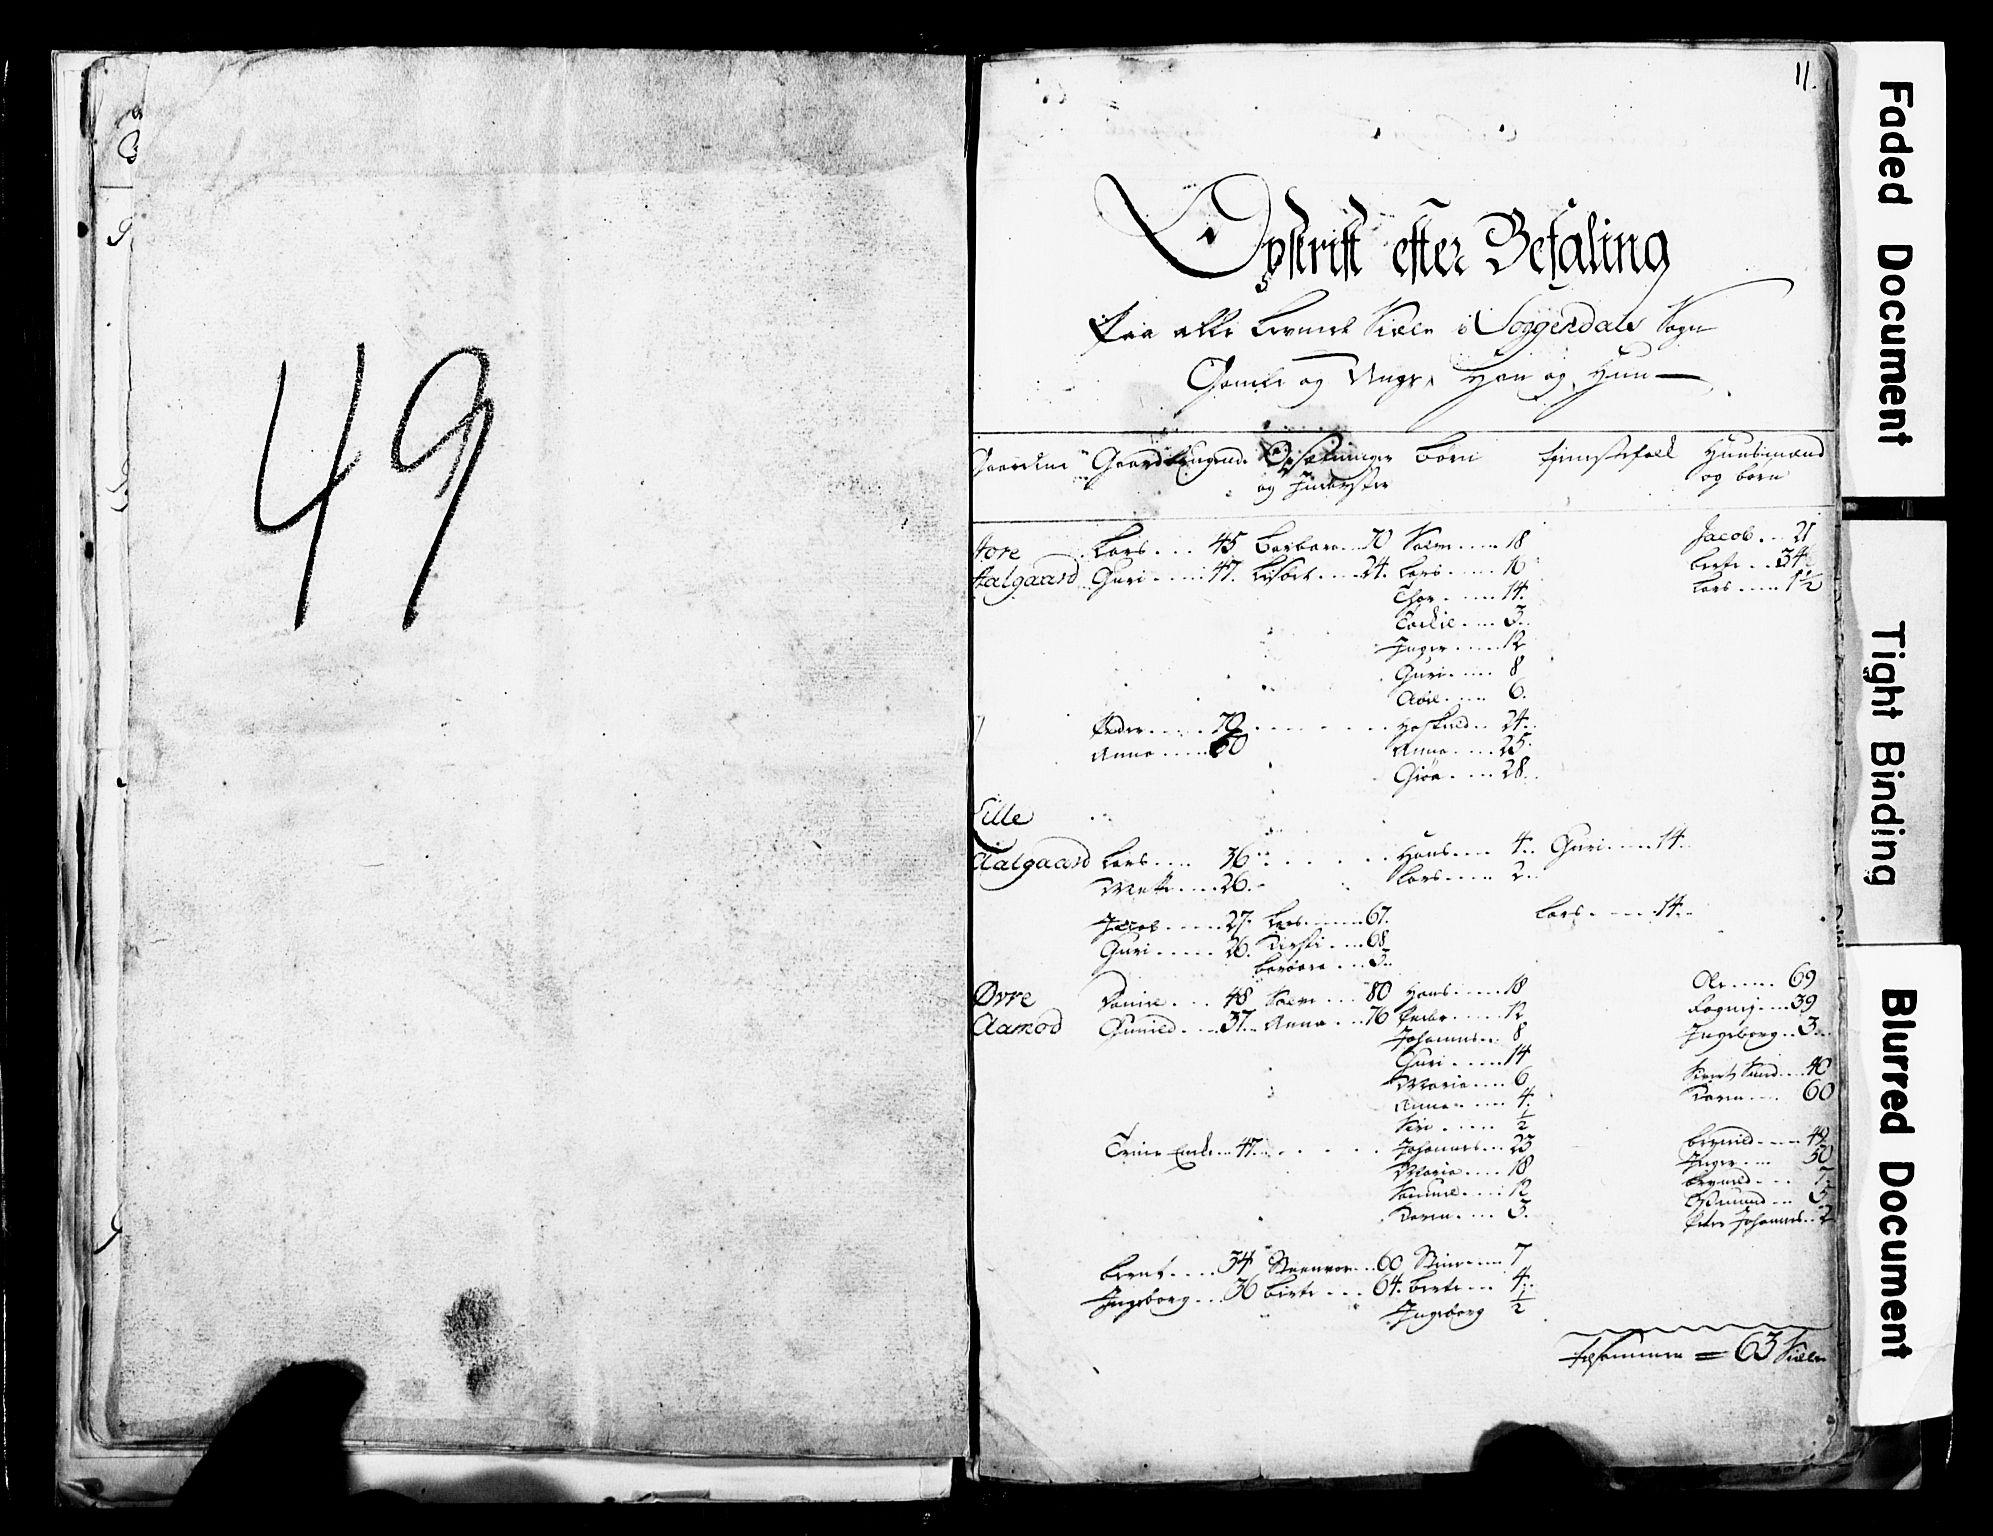 SAST, Fylkesmannen i Rogaland, 3/325/325CA/L0017: SJELEREGISTER JÆREN OG DALANE PRESTEGJELD, 1758, s. 11